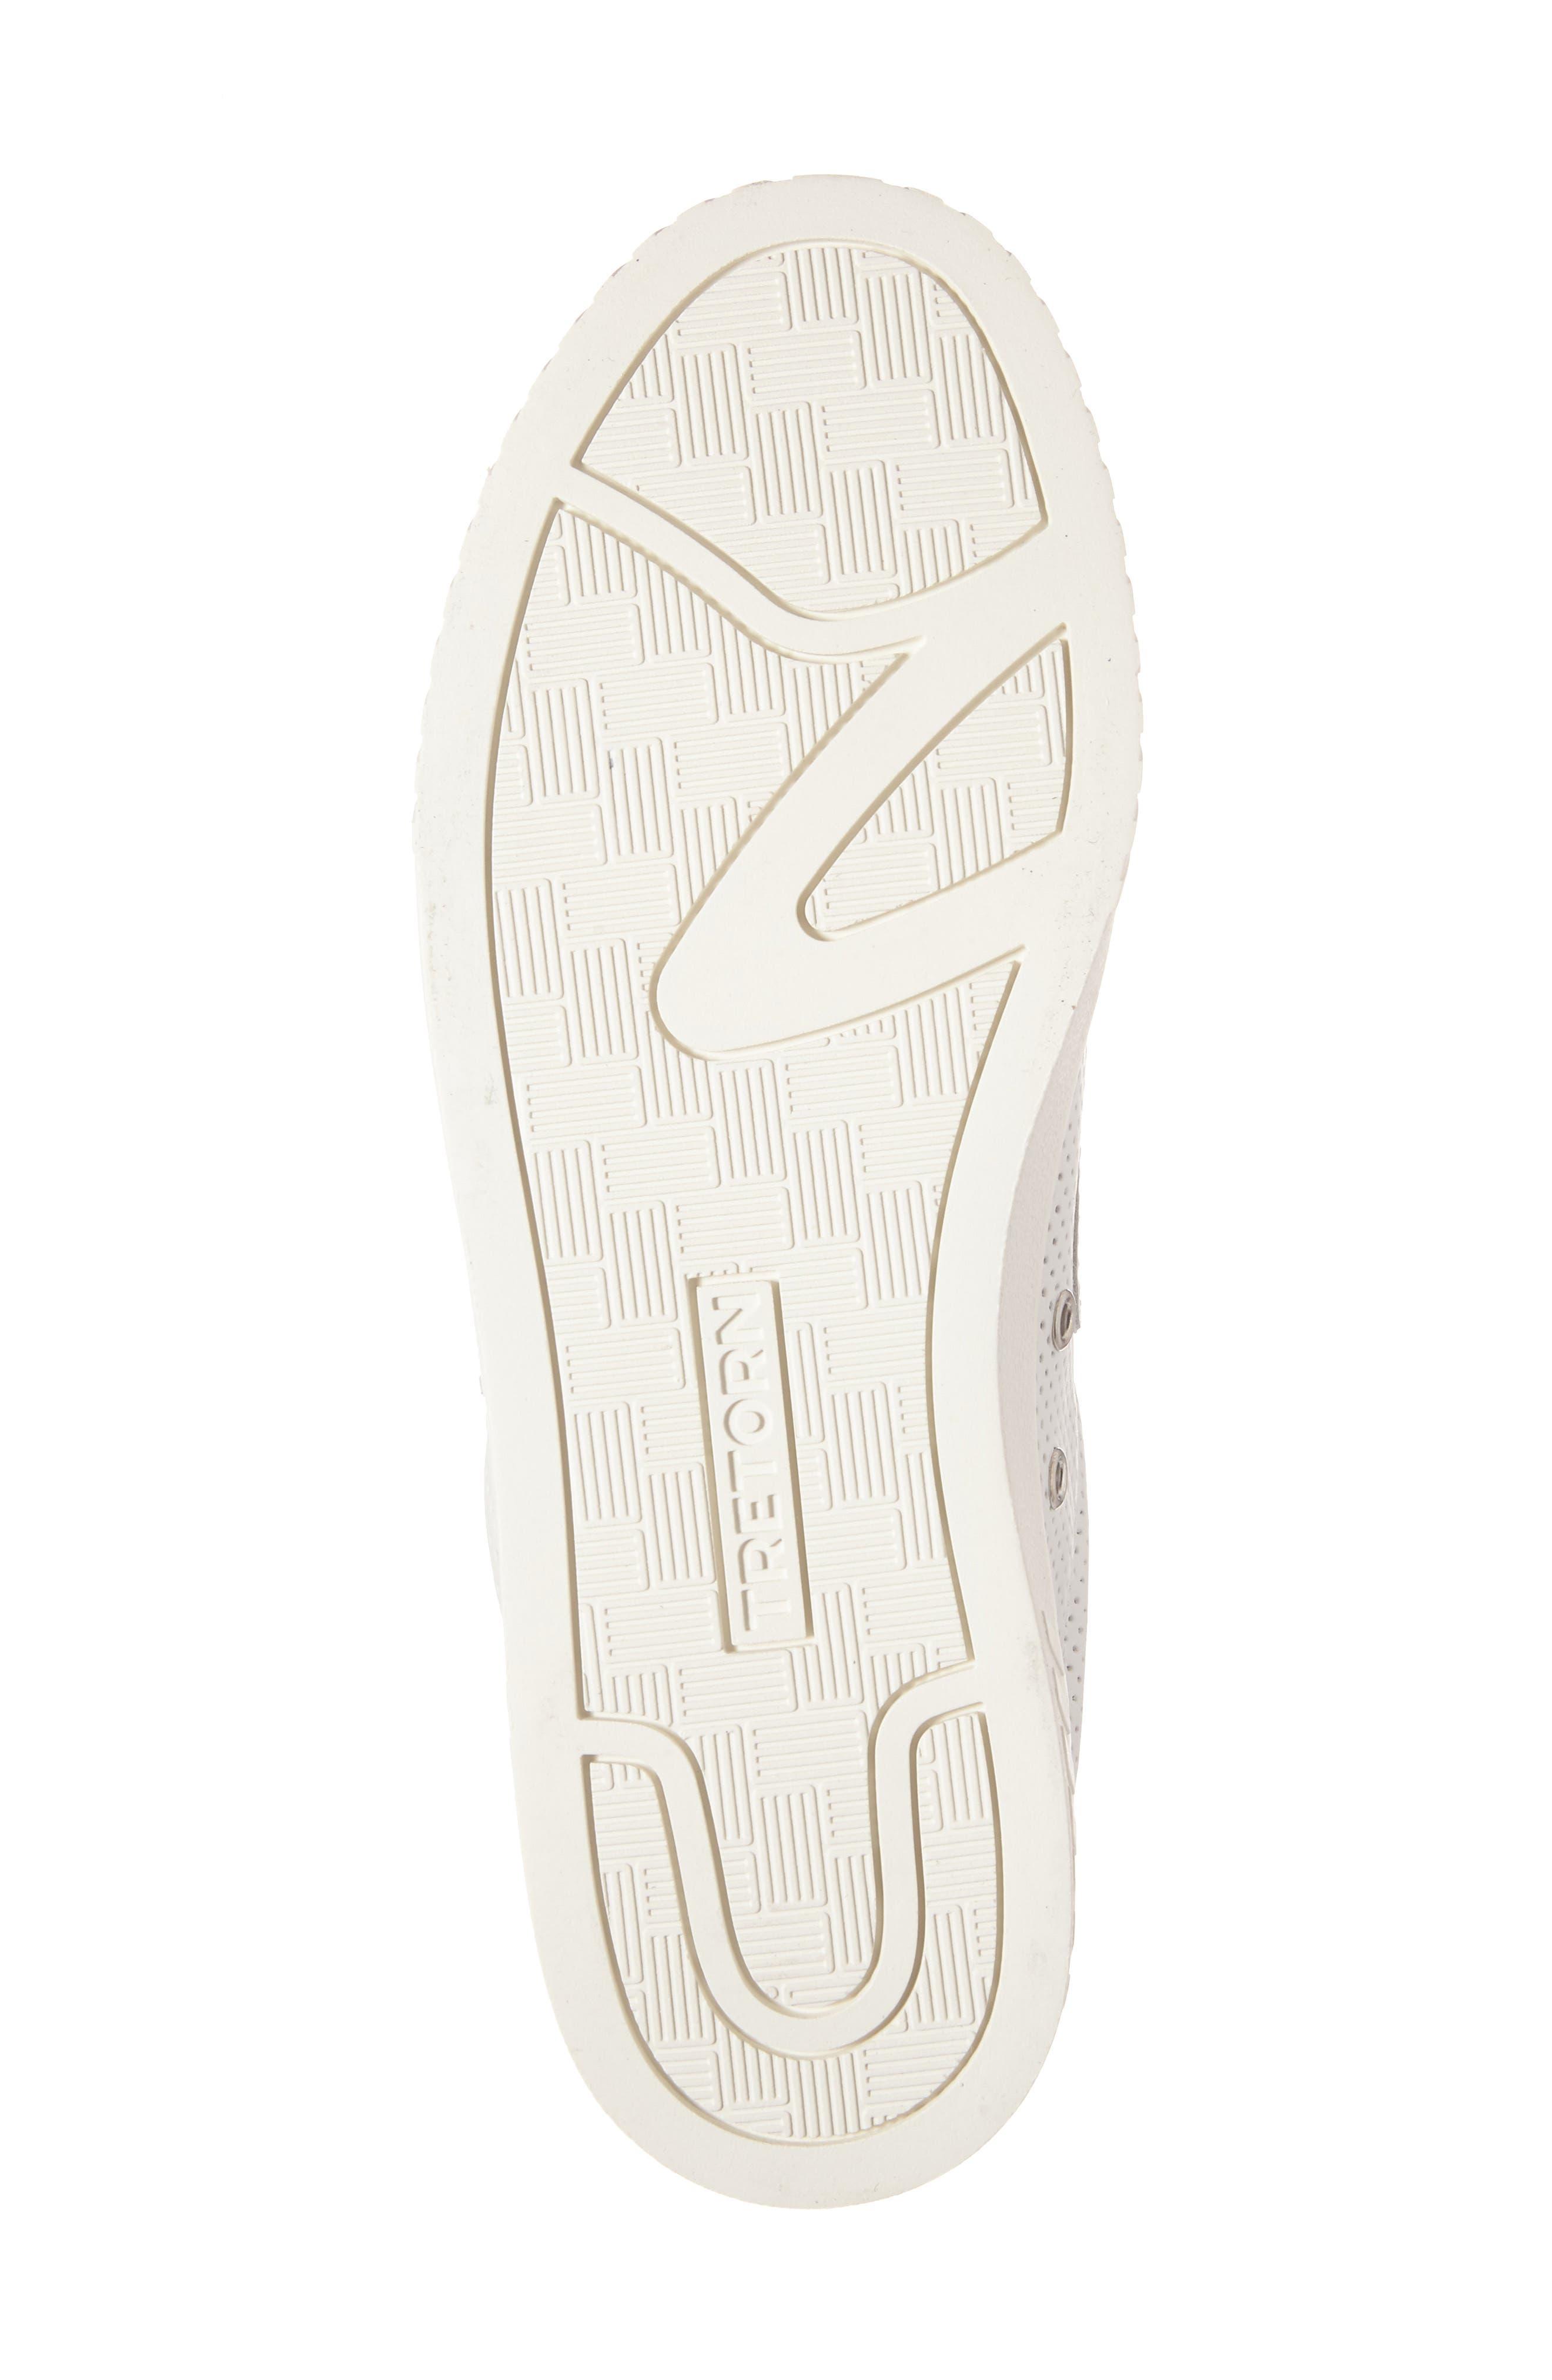 Camden 2 Sneaker,                             Alternate thumbnail 6, color,                             White/ White/ Silver